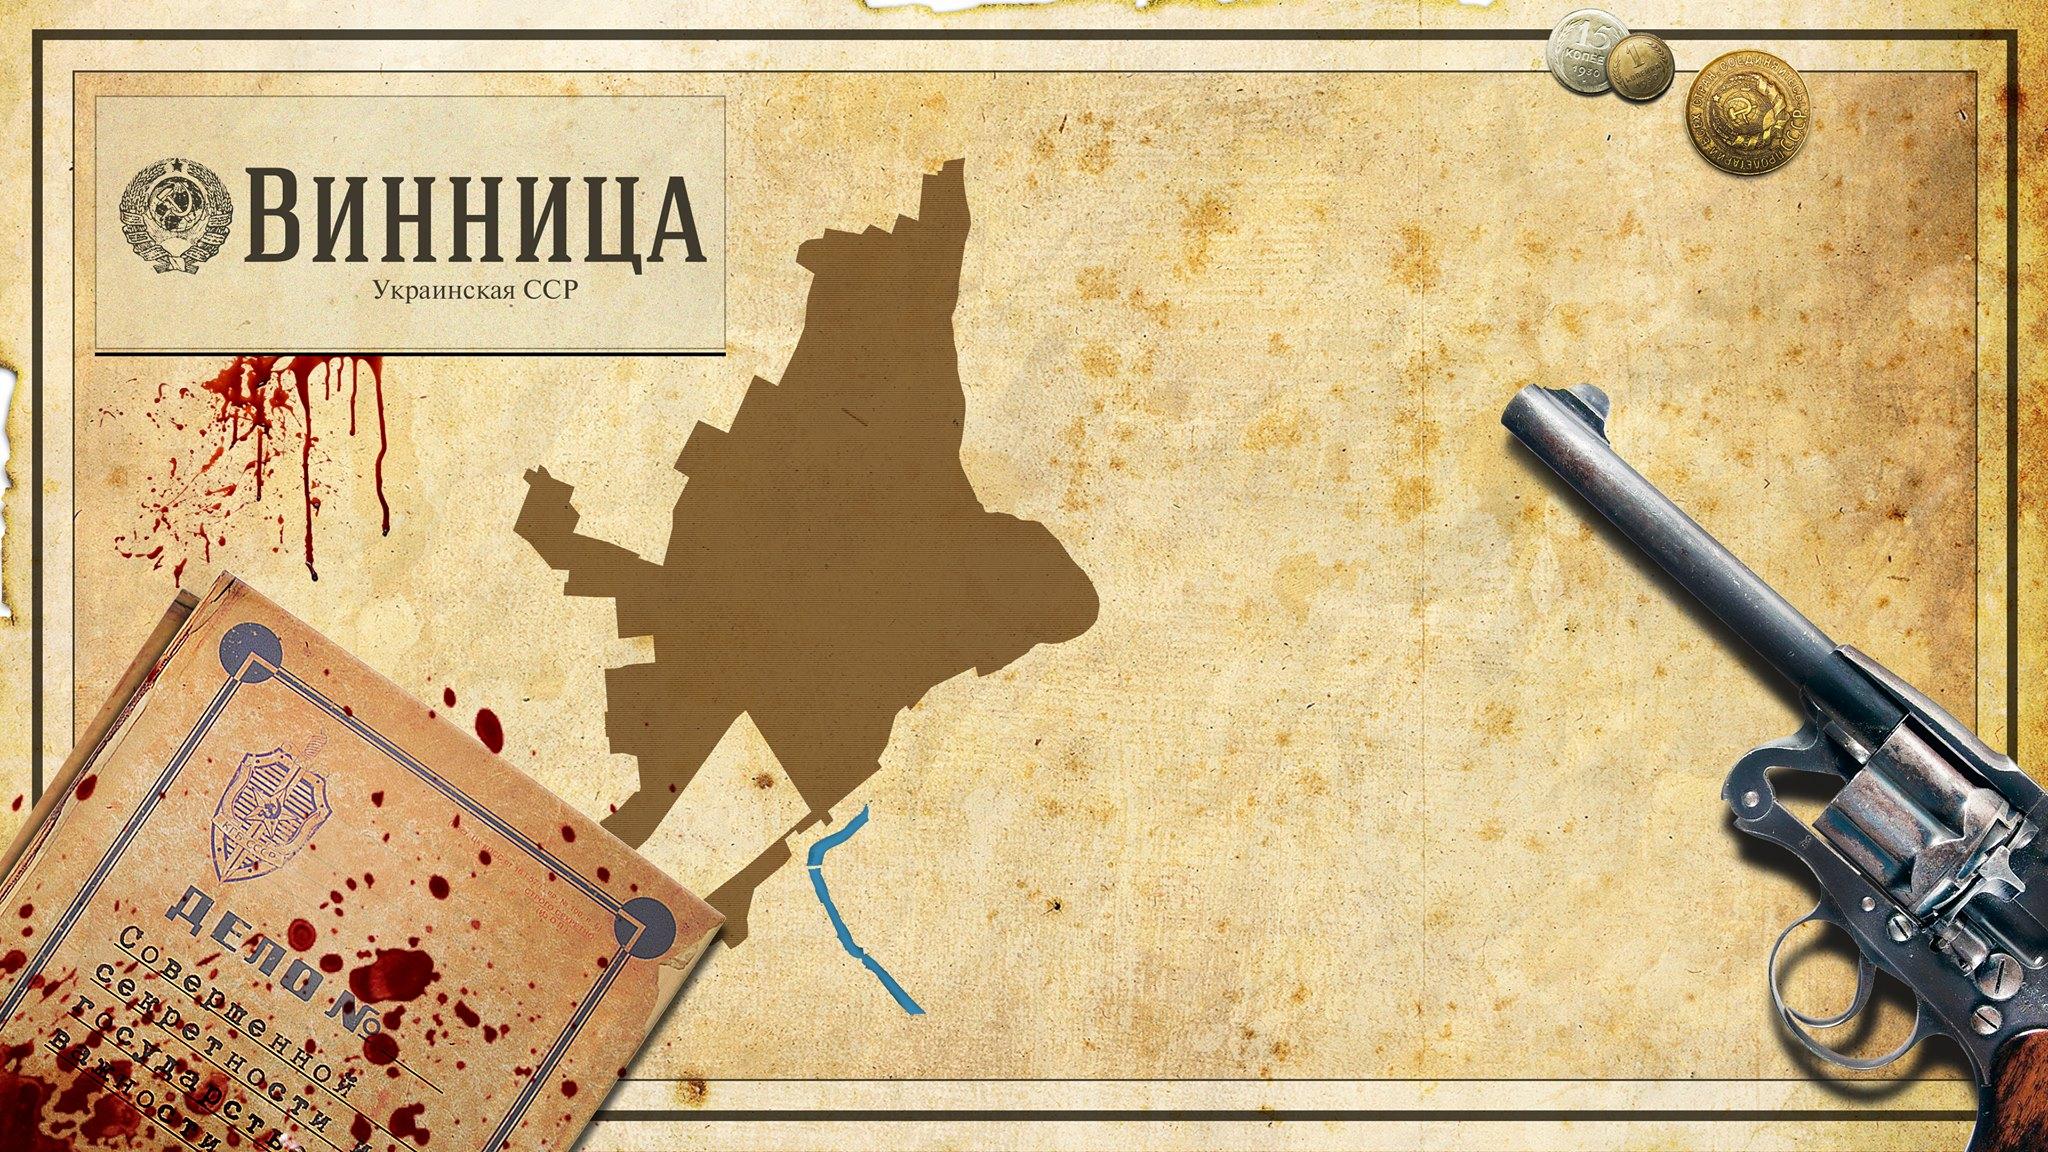 VежА презентувала трейлер фільму «Топографія терору», присвяченого «Вінницькій трагедії»